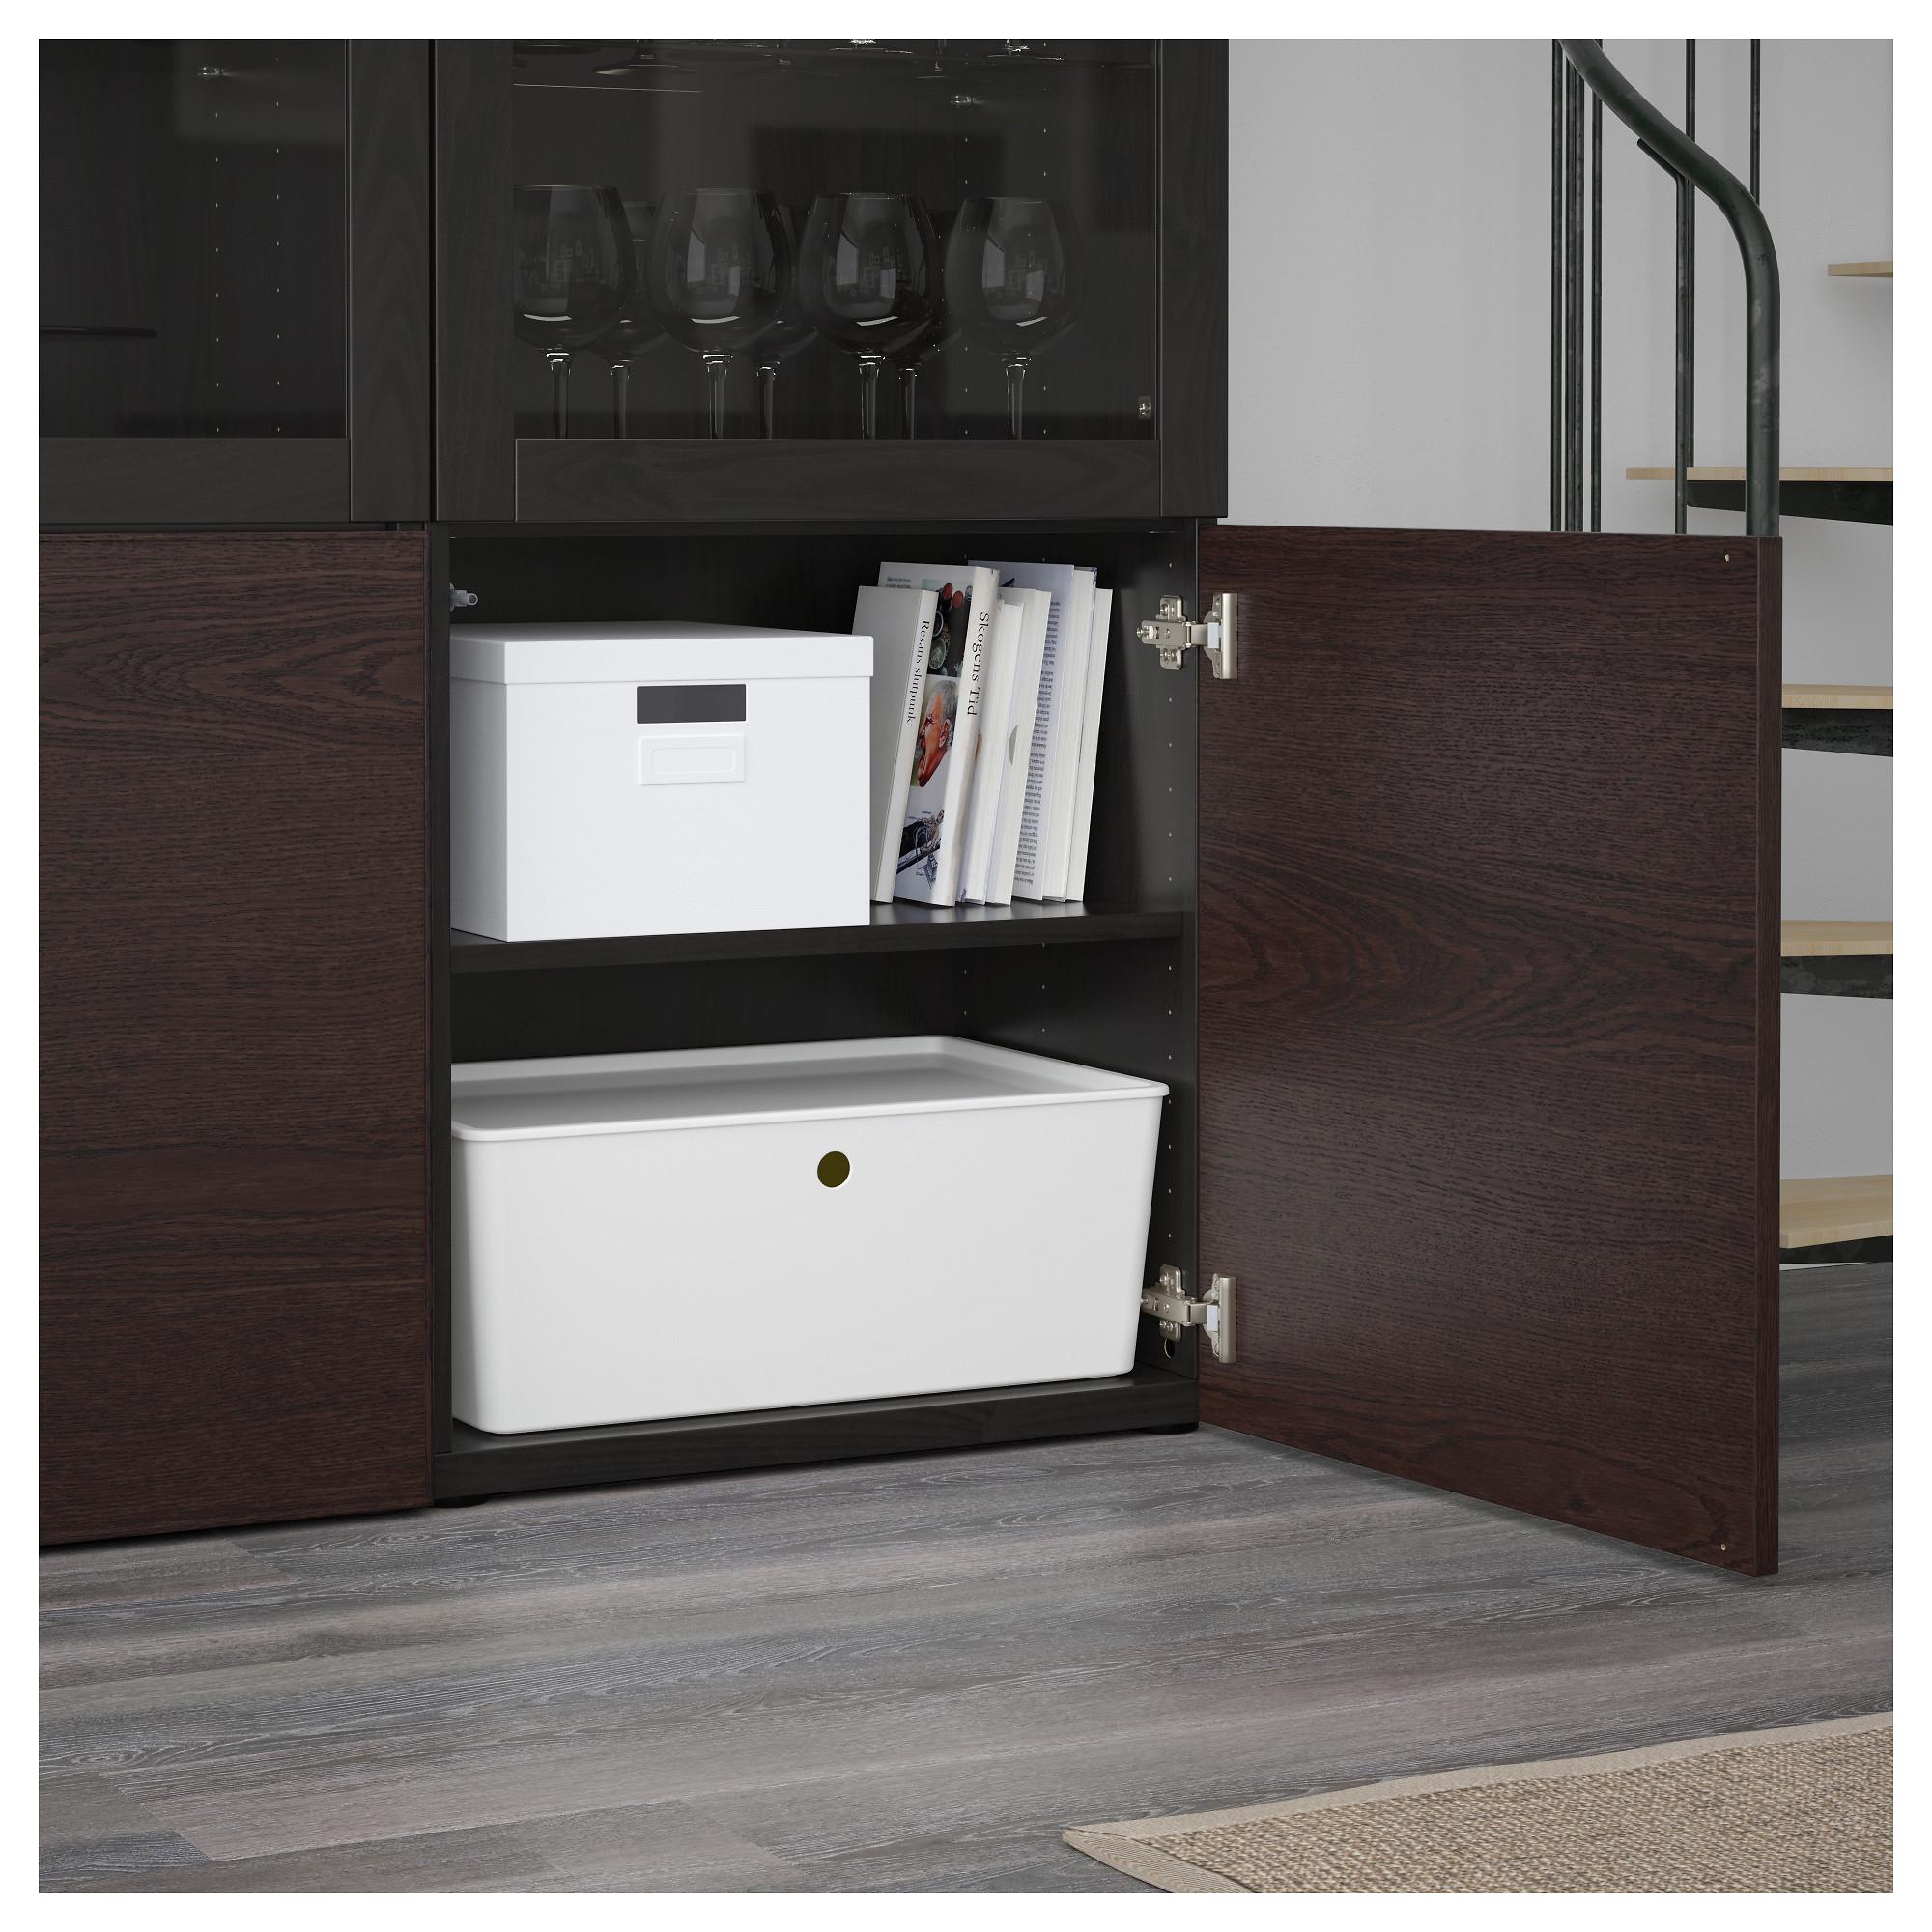 Комбинация для хранения со стеклянными дверцами БЕСТО черно-коричневый артикуль № 692.474.38 в наличии. Online магазин IKEA Беларусь. Быстрая доставка и установка.